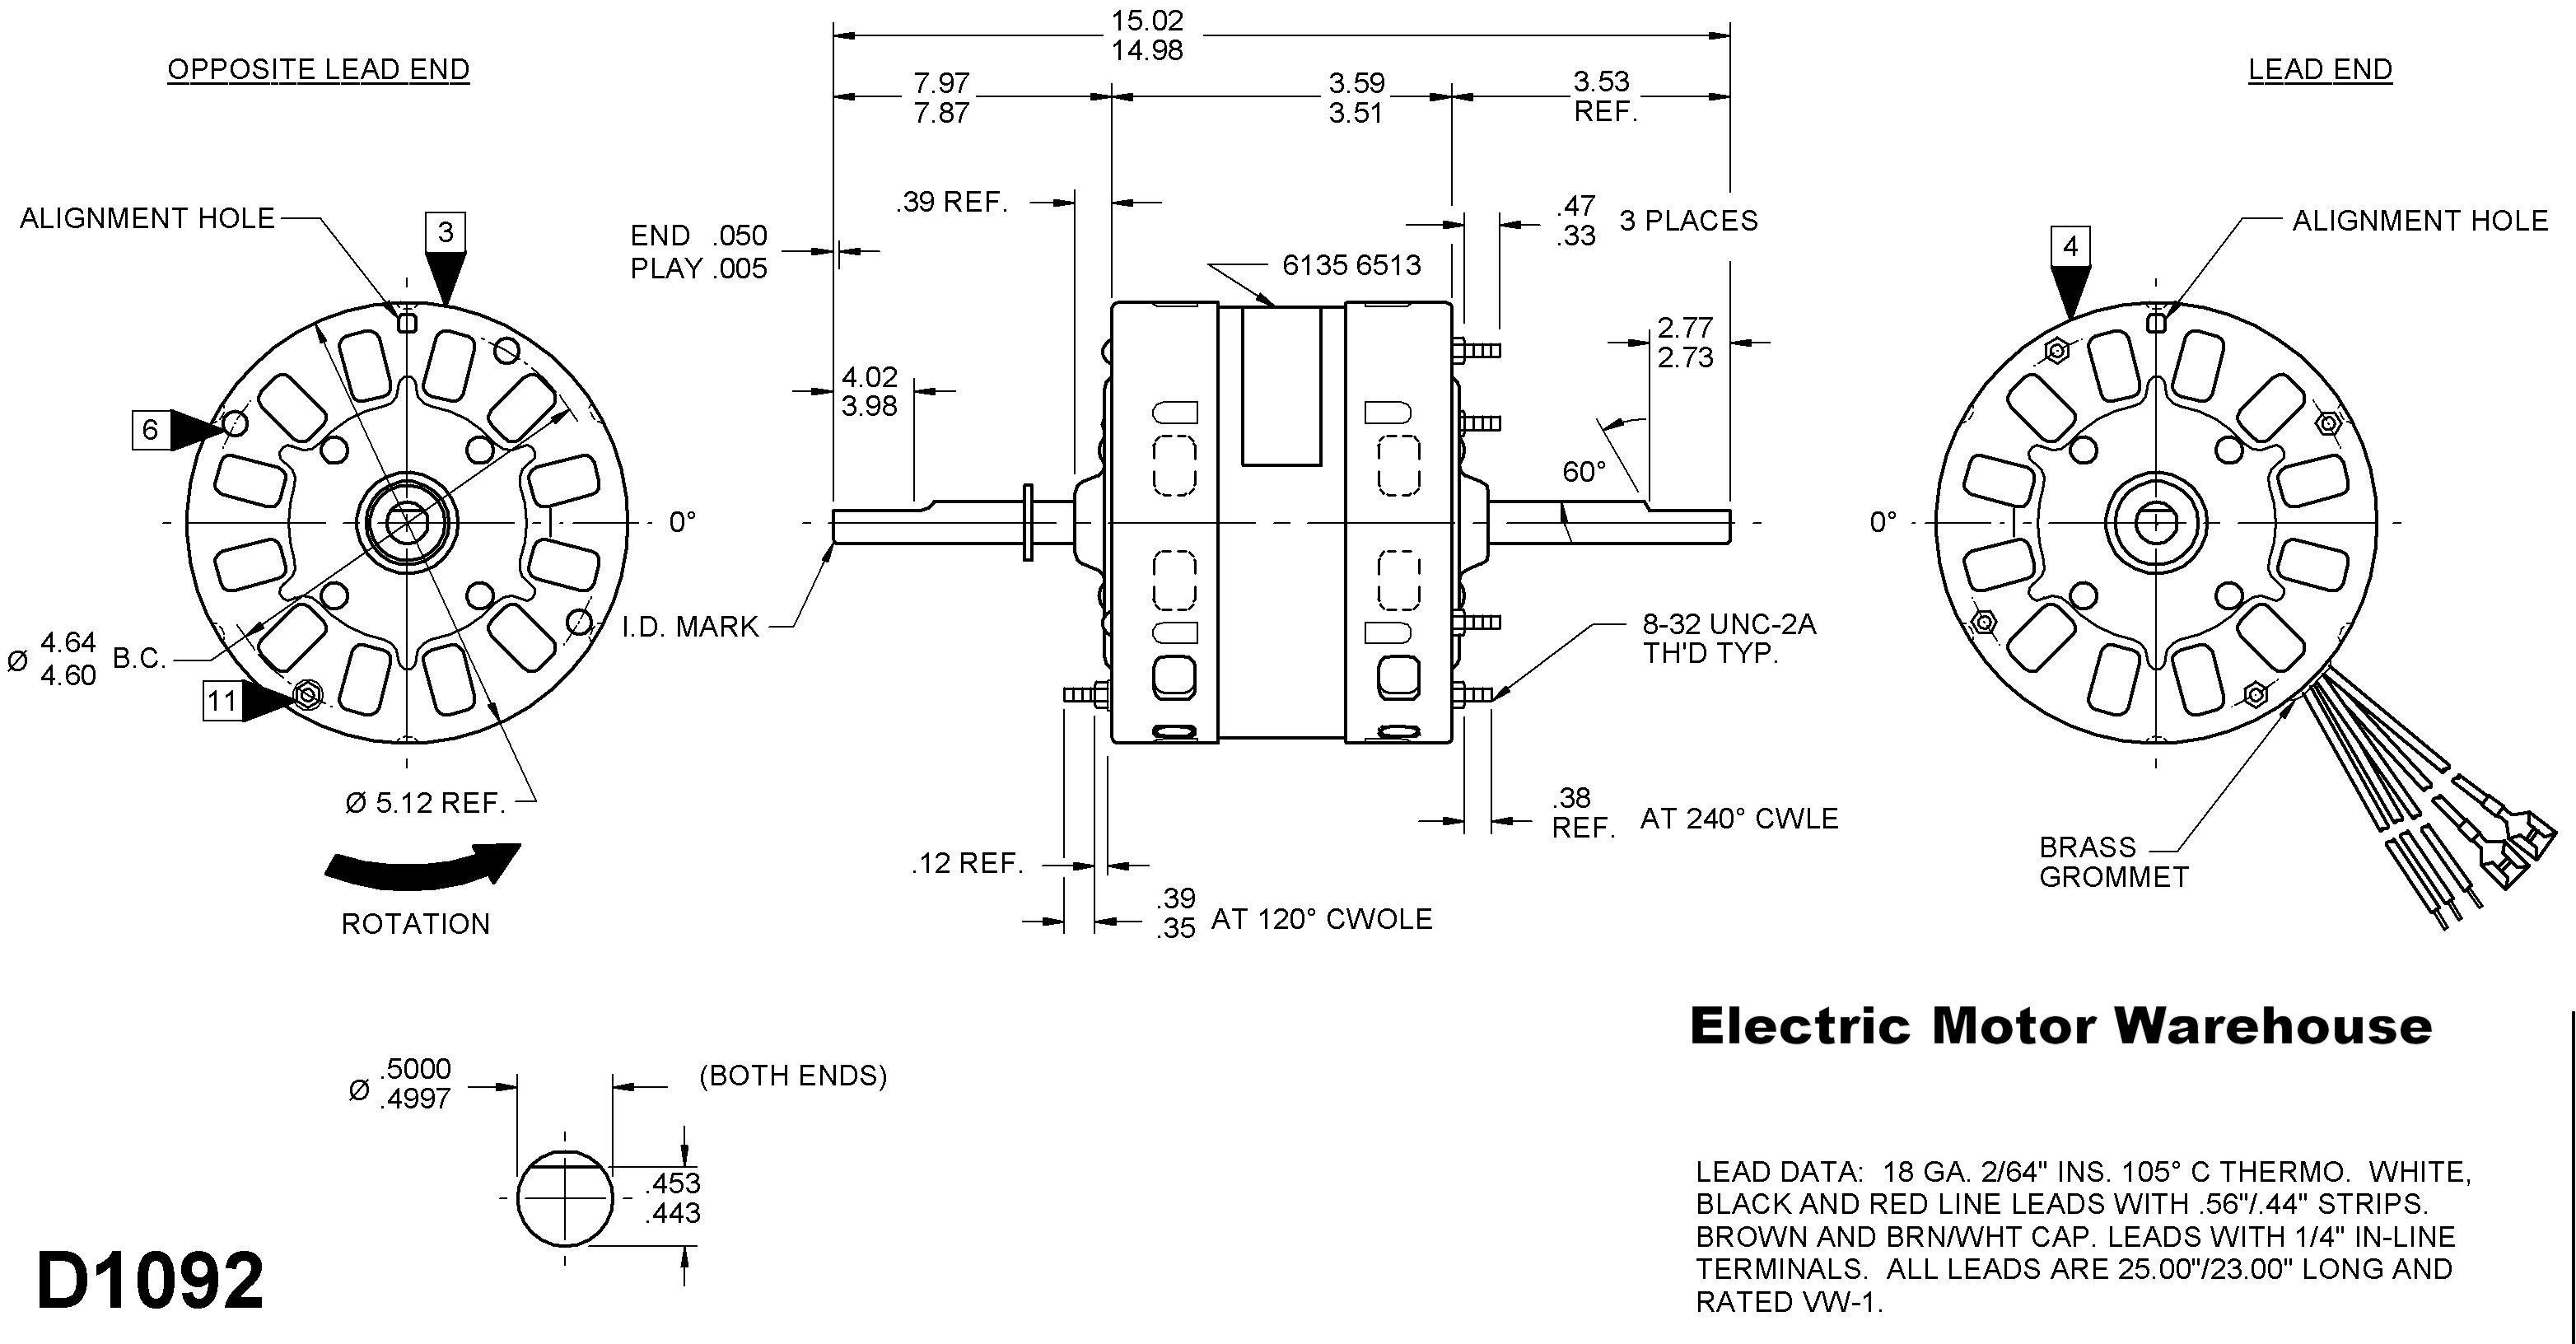 3 Speed 115 Volt Bloweer Motor Wiring Schematic 2000 Ford Econoline Fuse Diagram Pontloon Wiringsdoe Jeanjaures37 Fr